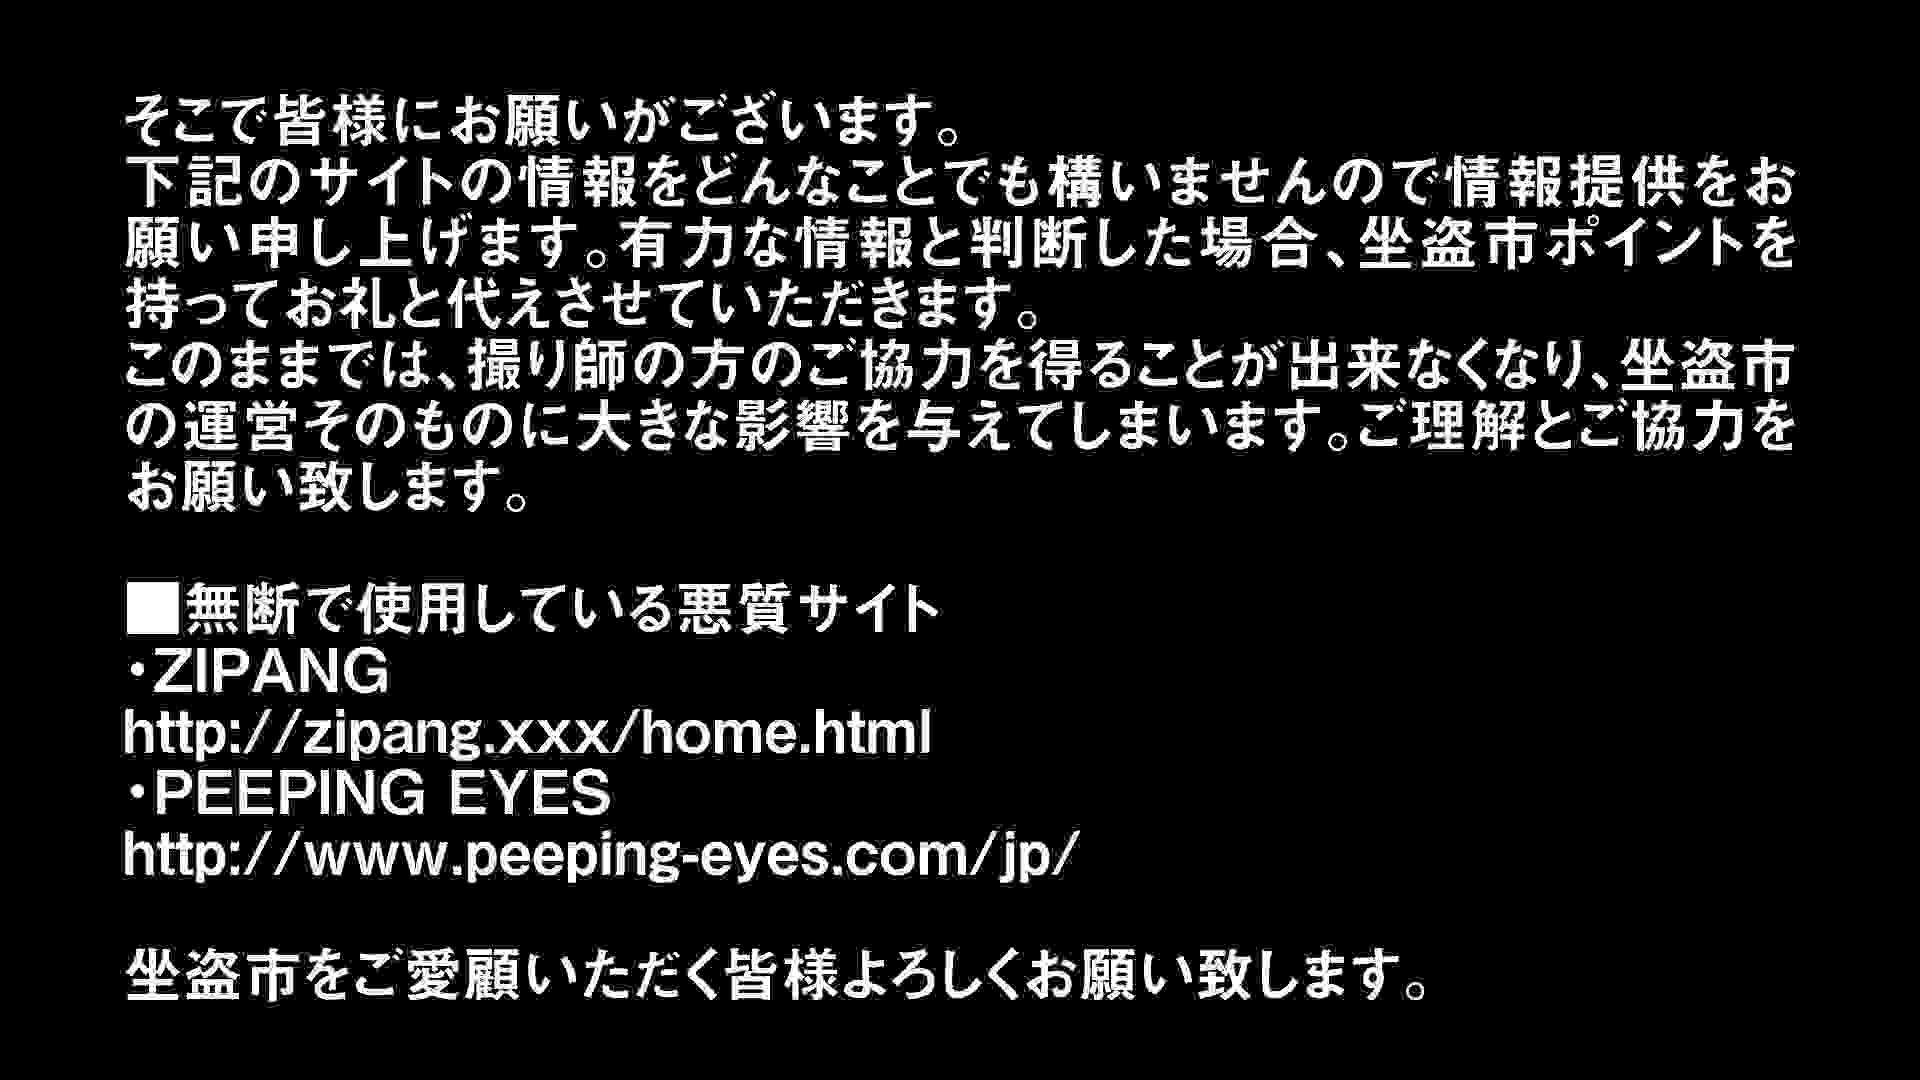 Aquaな露天風呂Vol.301 盗撮 | 露天風呂  112連発 40